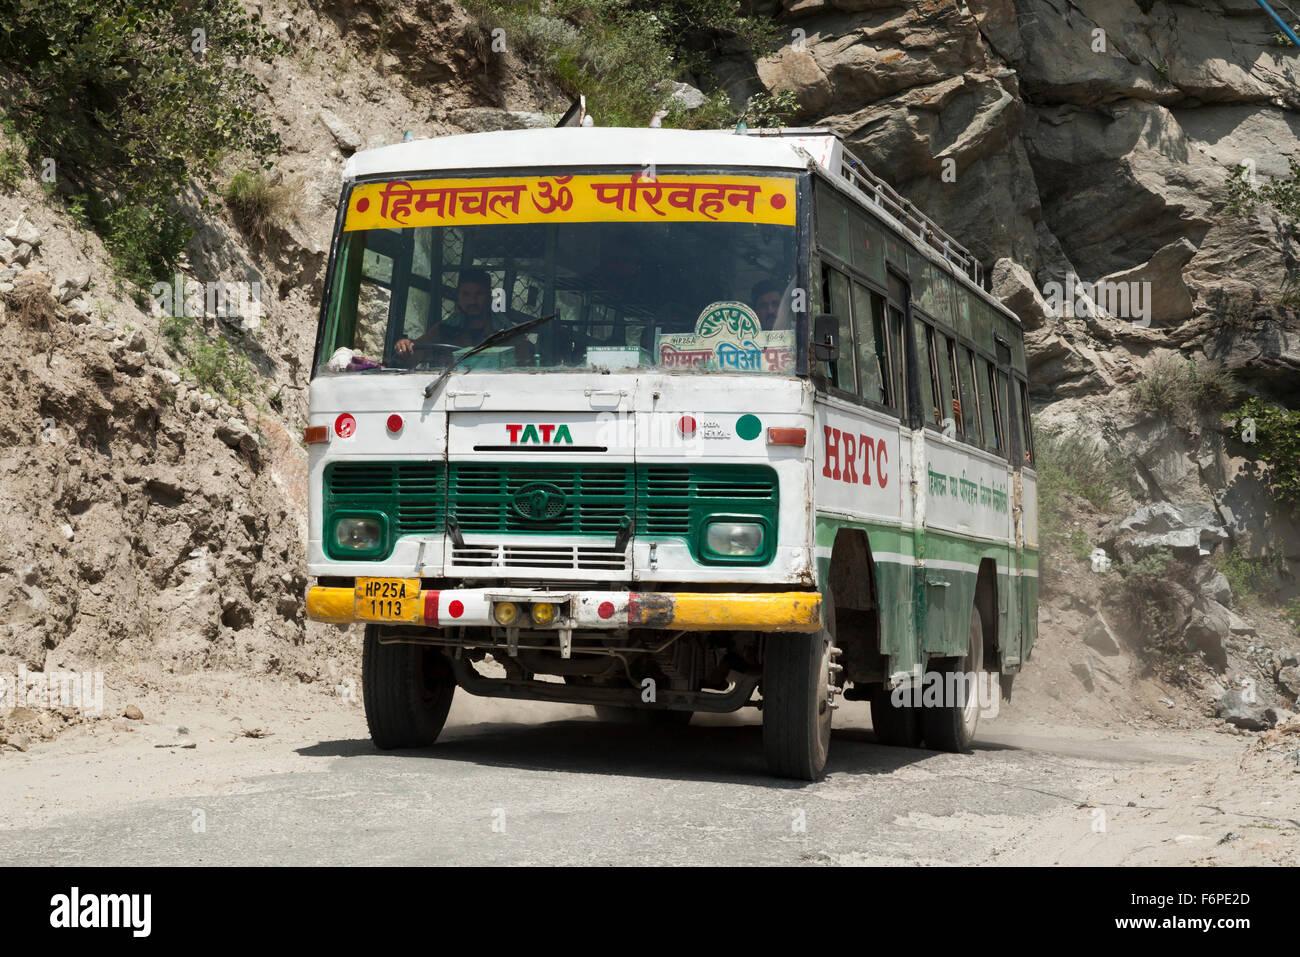 Himachal State Transport Corporation bus negotiates hazardous Himalayan mountain pass - Stock Image